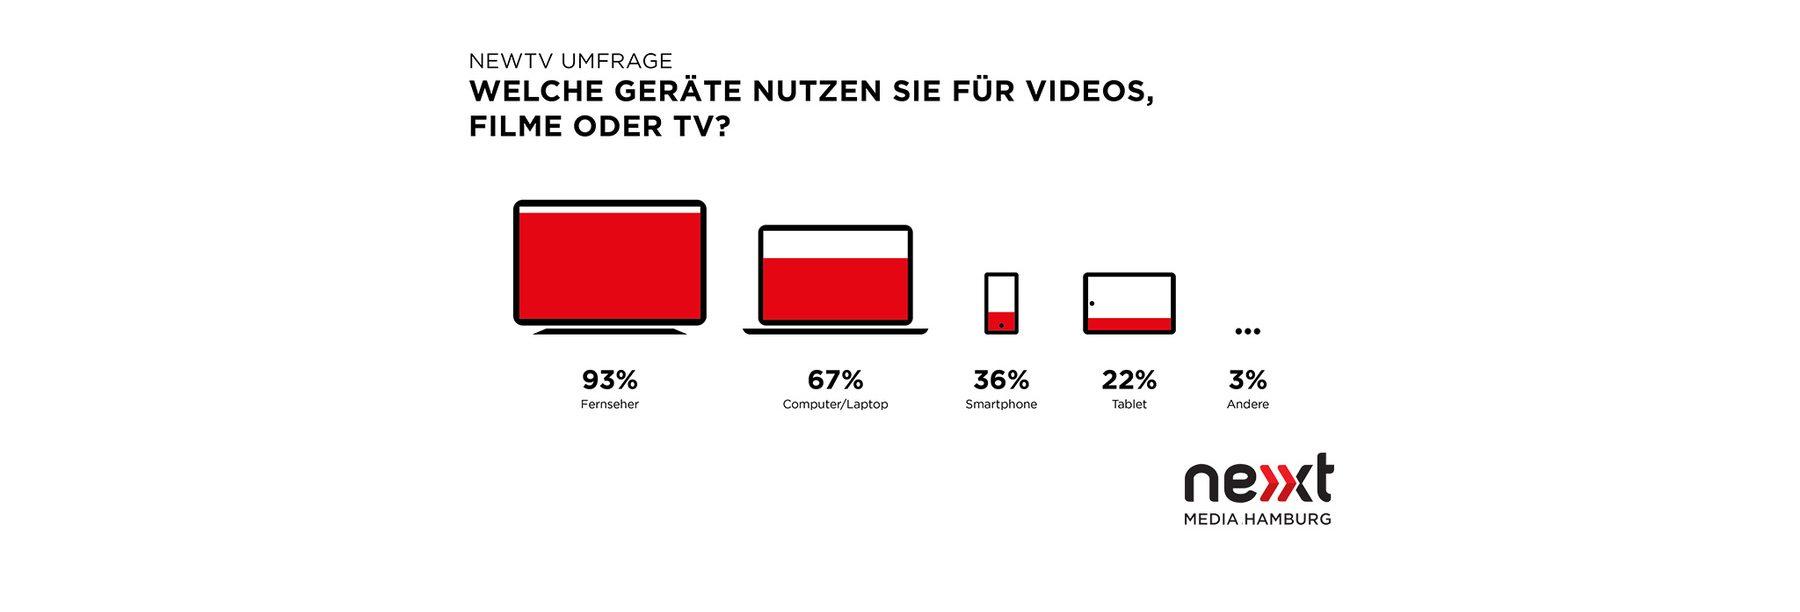 Size matters: Fernseher und Laptops/Computer sind bei Deutschen beliebter als Smartphones und Tablets.